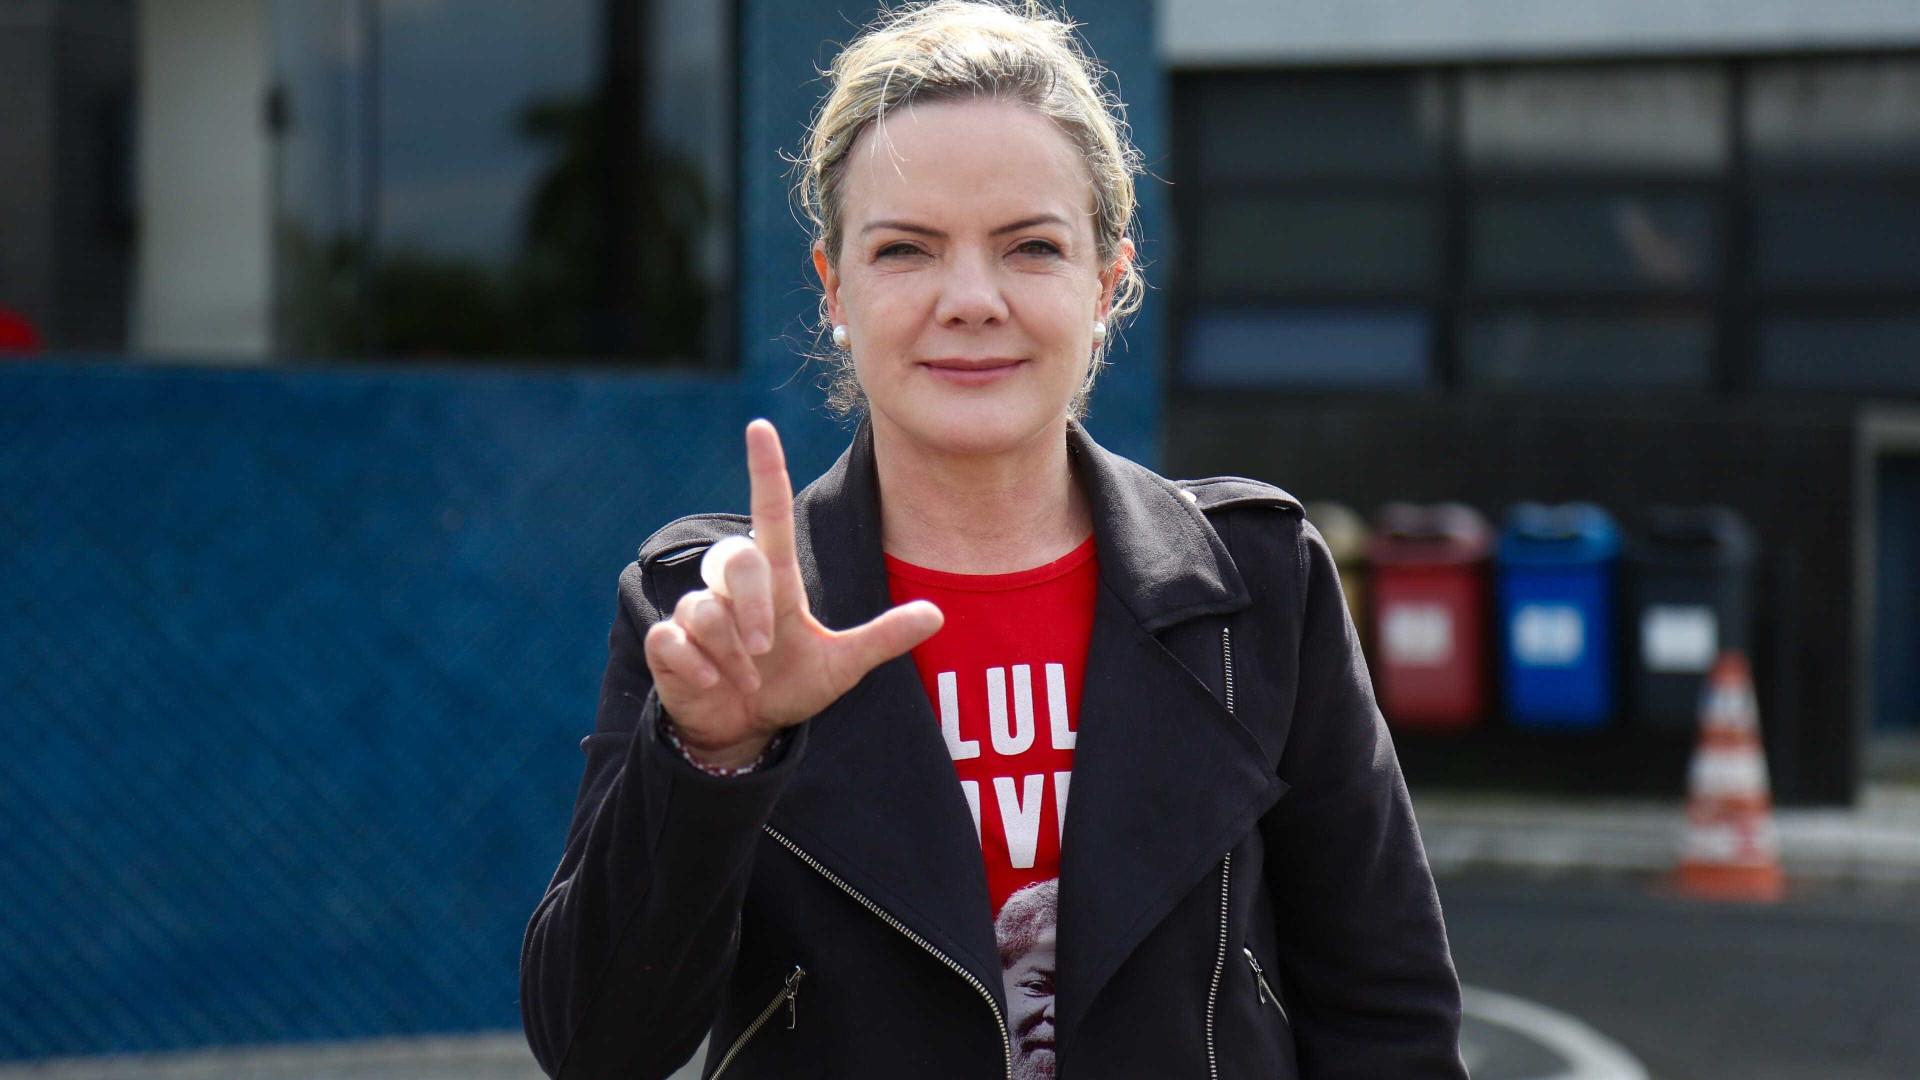 Juíza nega pedido de senadores para visitar Lula na prisão